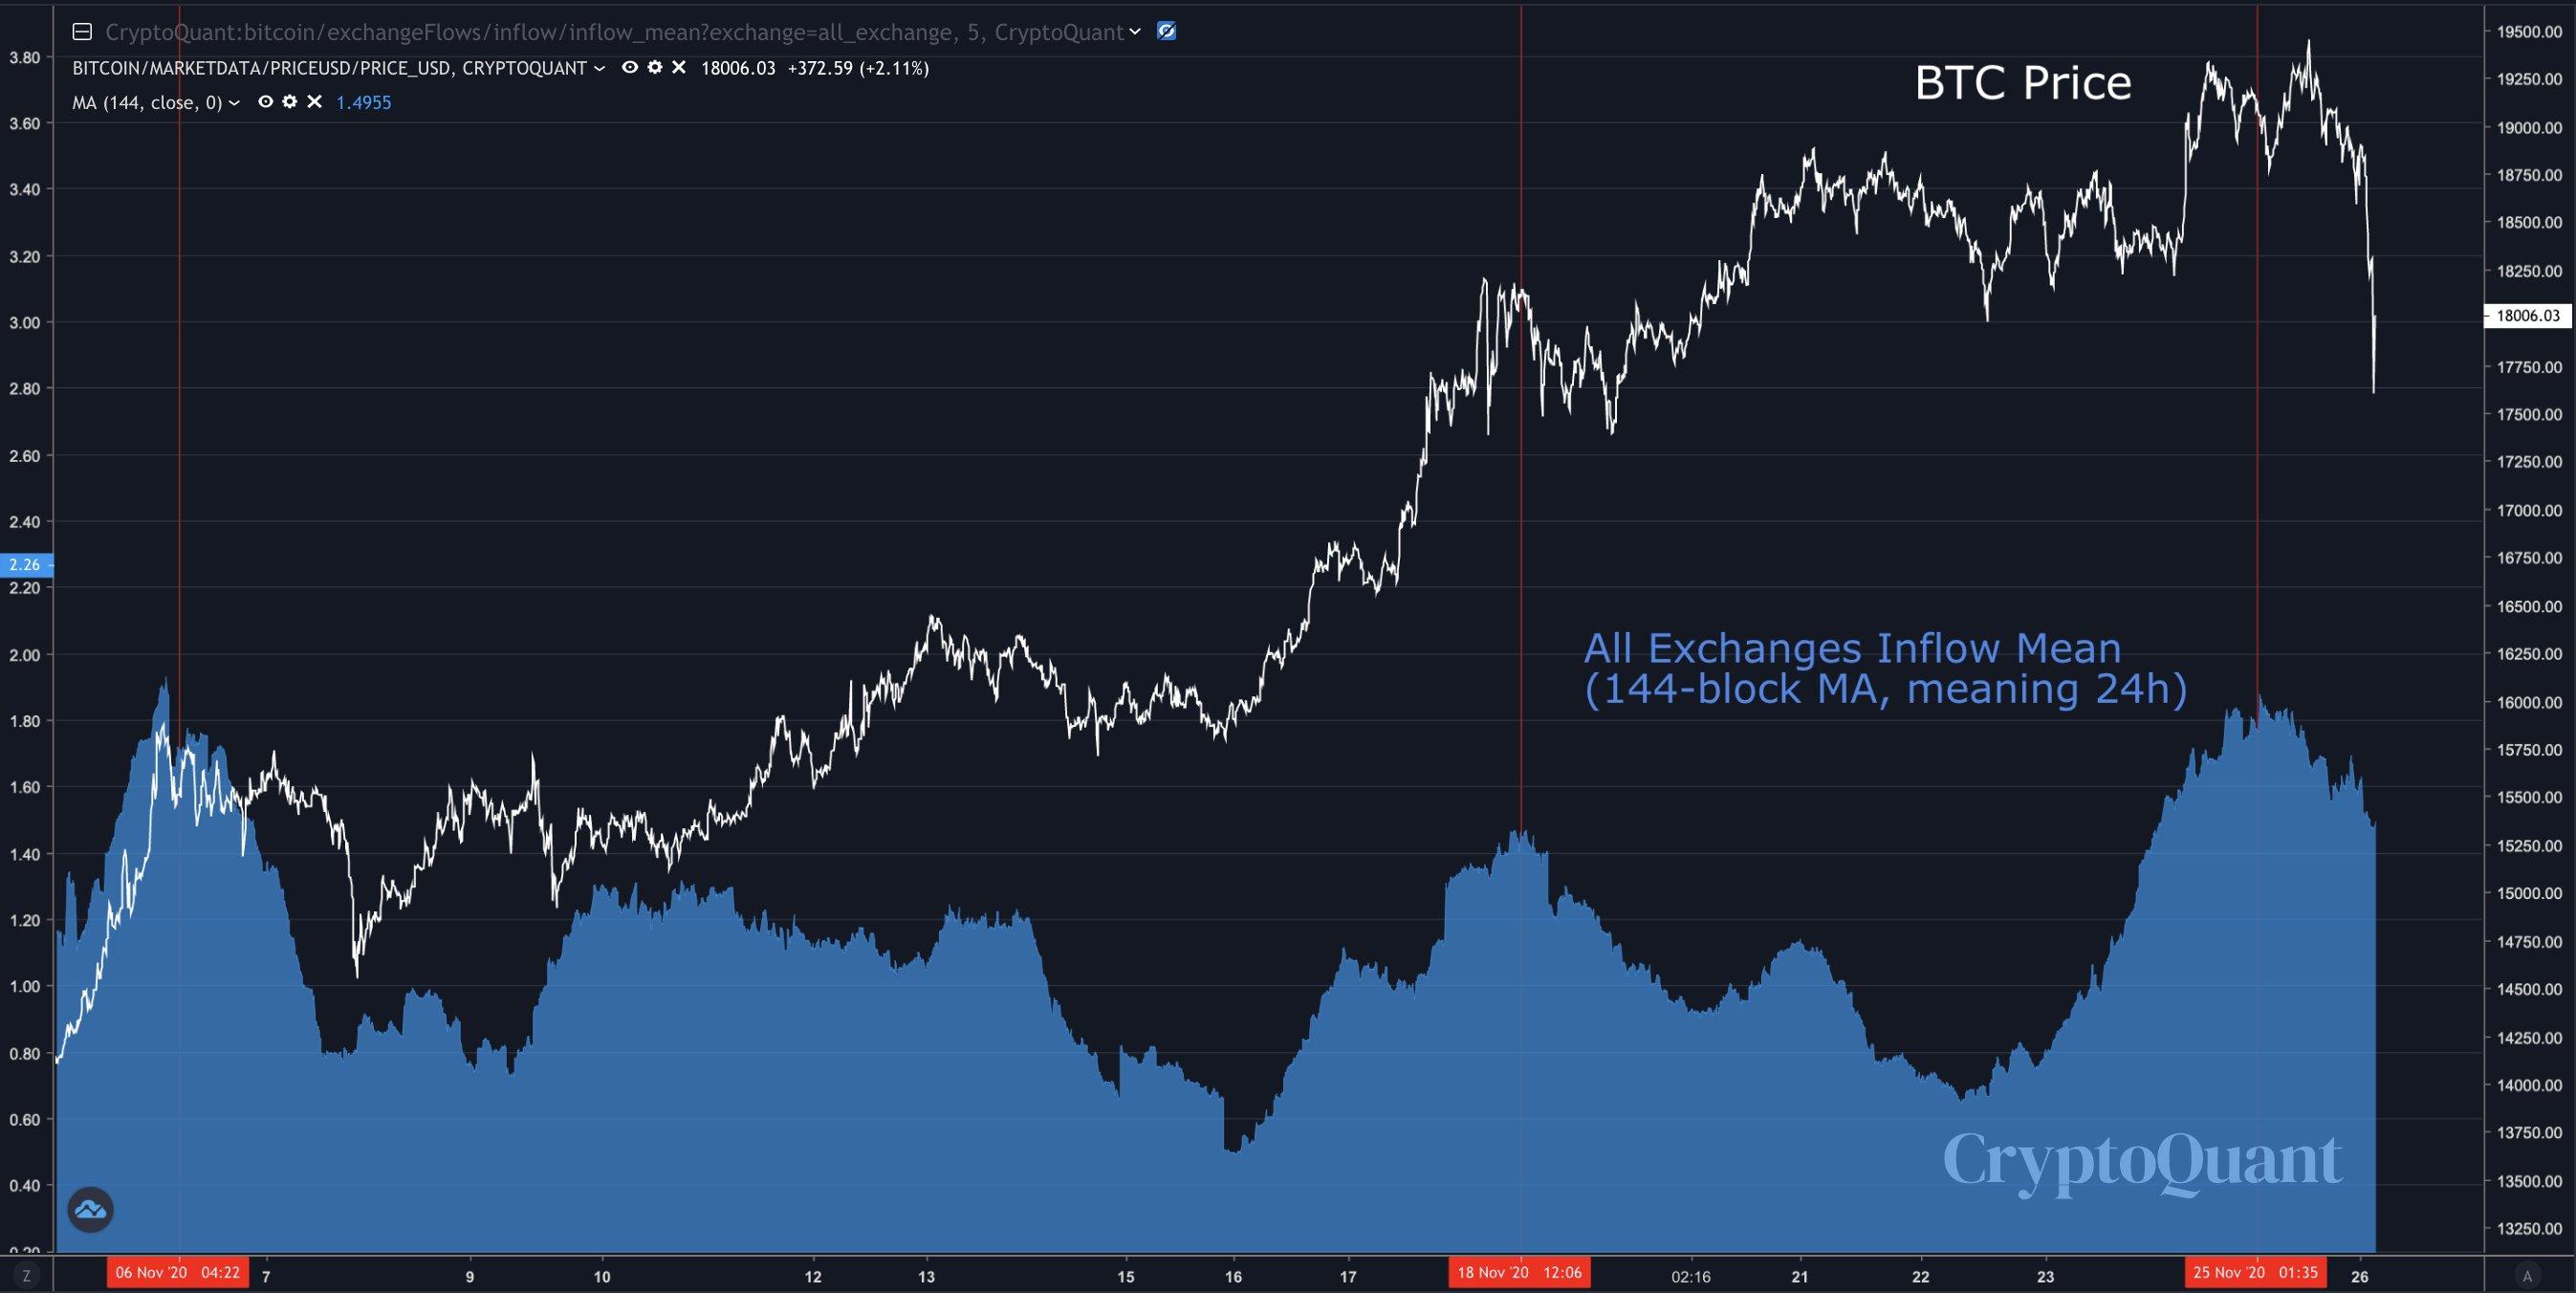 Relação entre preço do Bitcoin e influxo nas exchanges